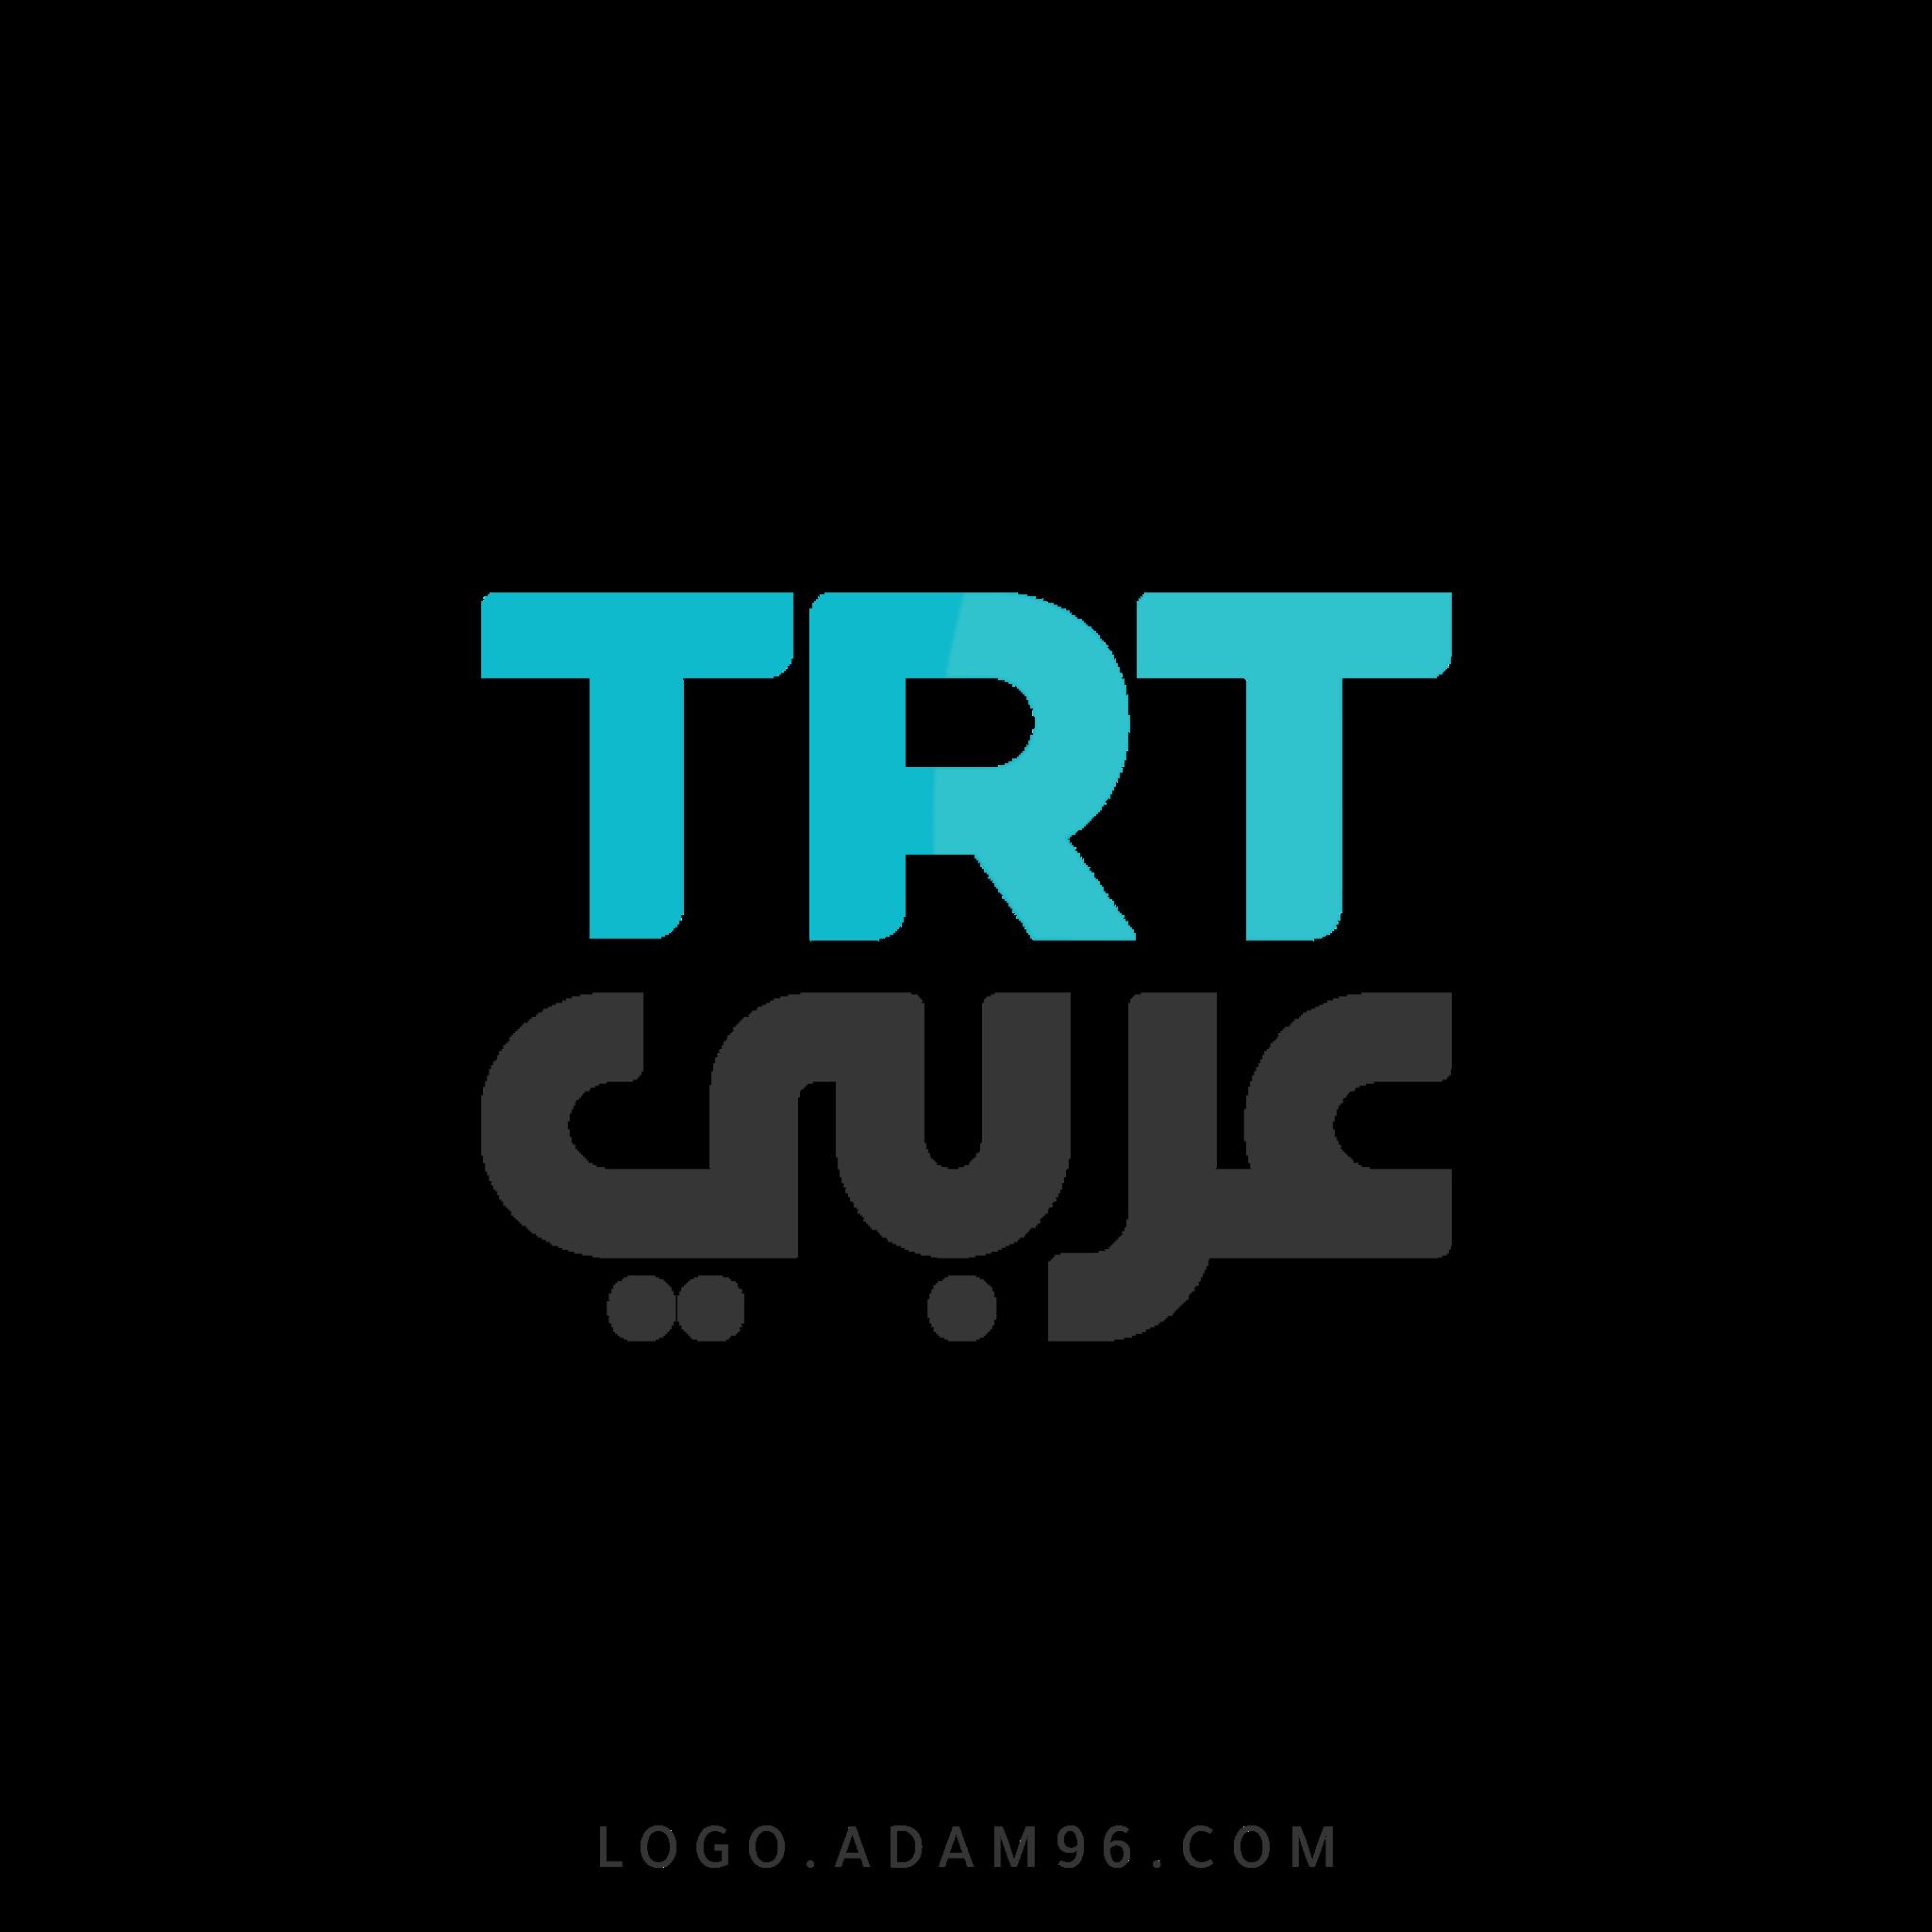 تحميل شعار قناة تي ار تي عربي التركية لوجو رسمي عالي الجودة Logo TRT PNG